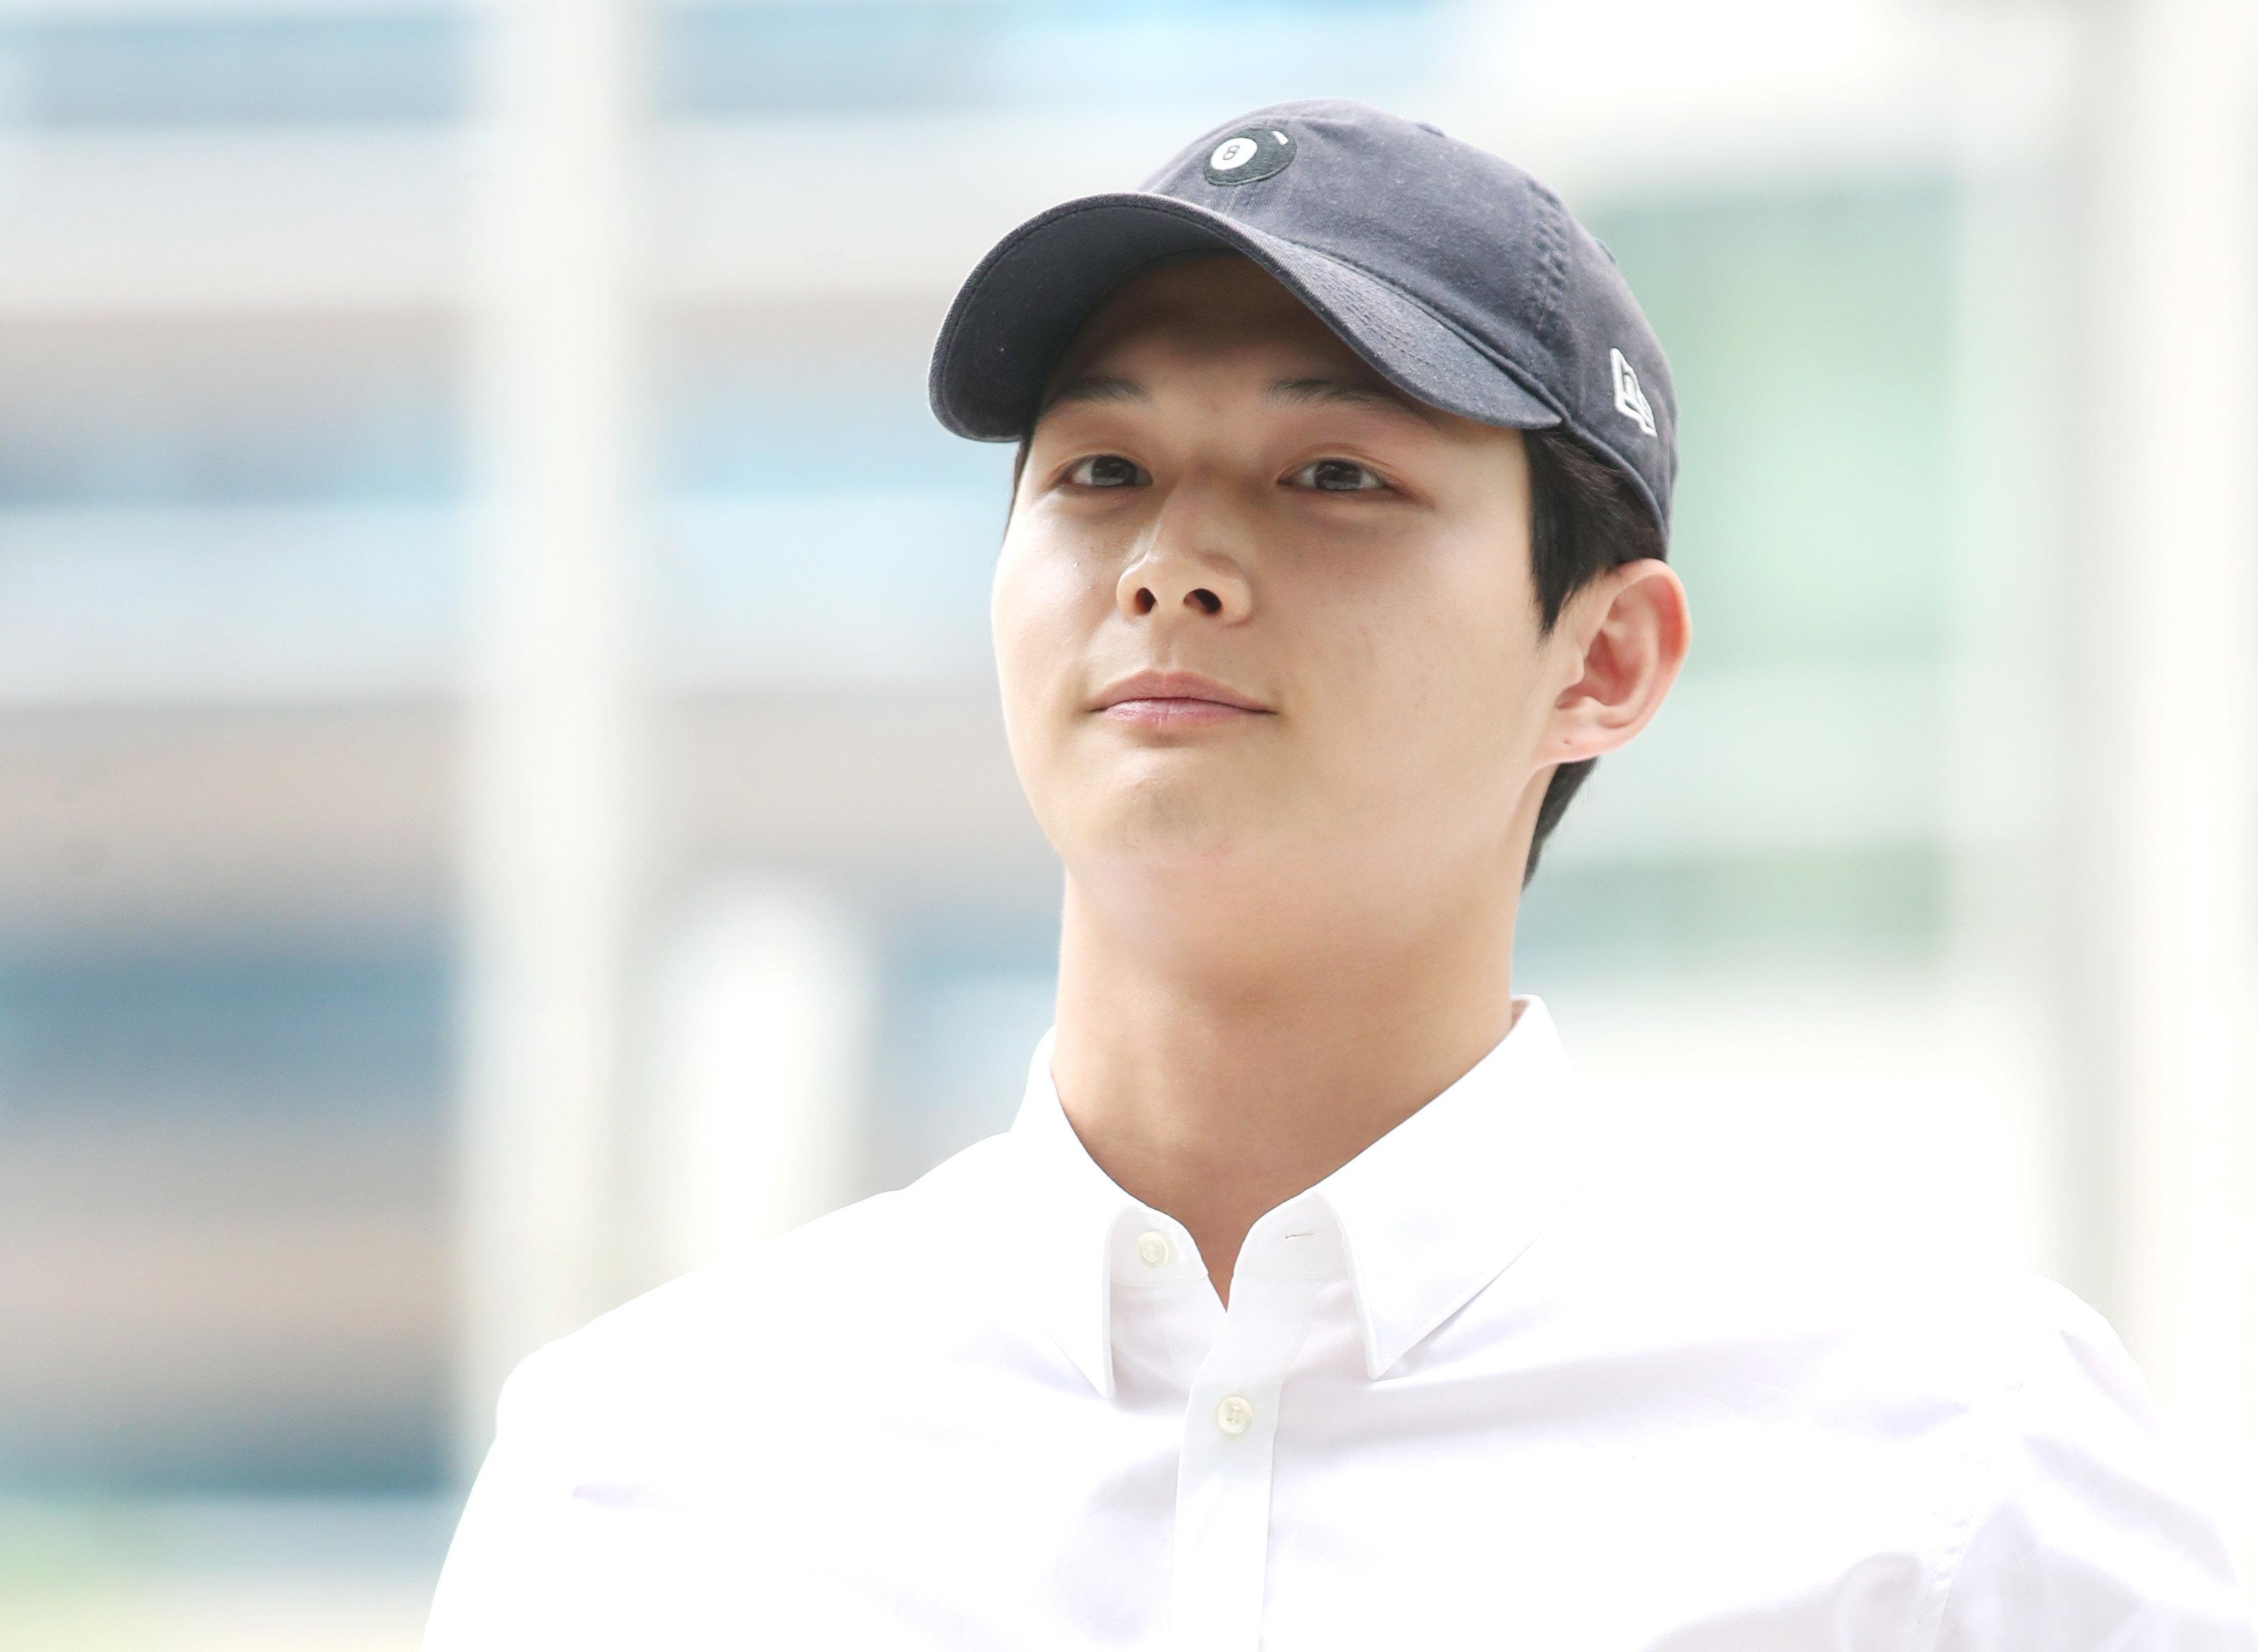 '동료 연예인 성추행' 배우 이서원이 검찰 구형 이틀 앞두고 갑자기